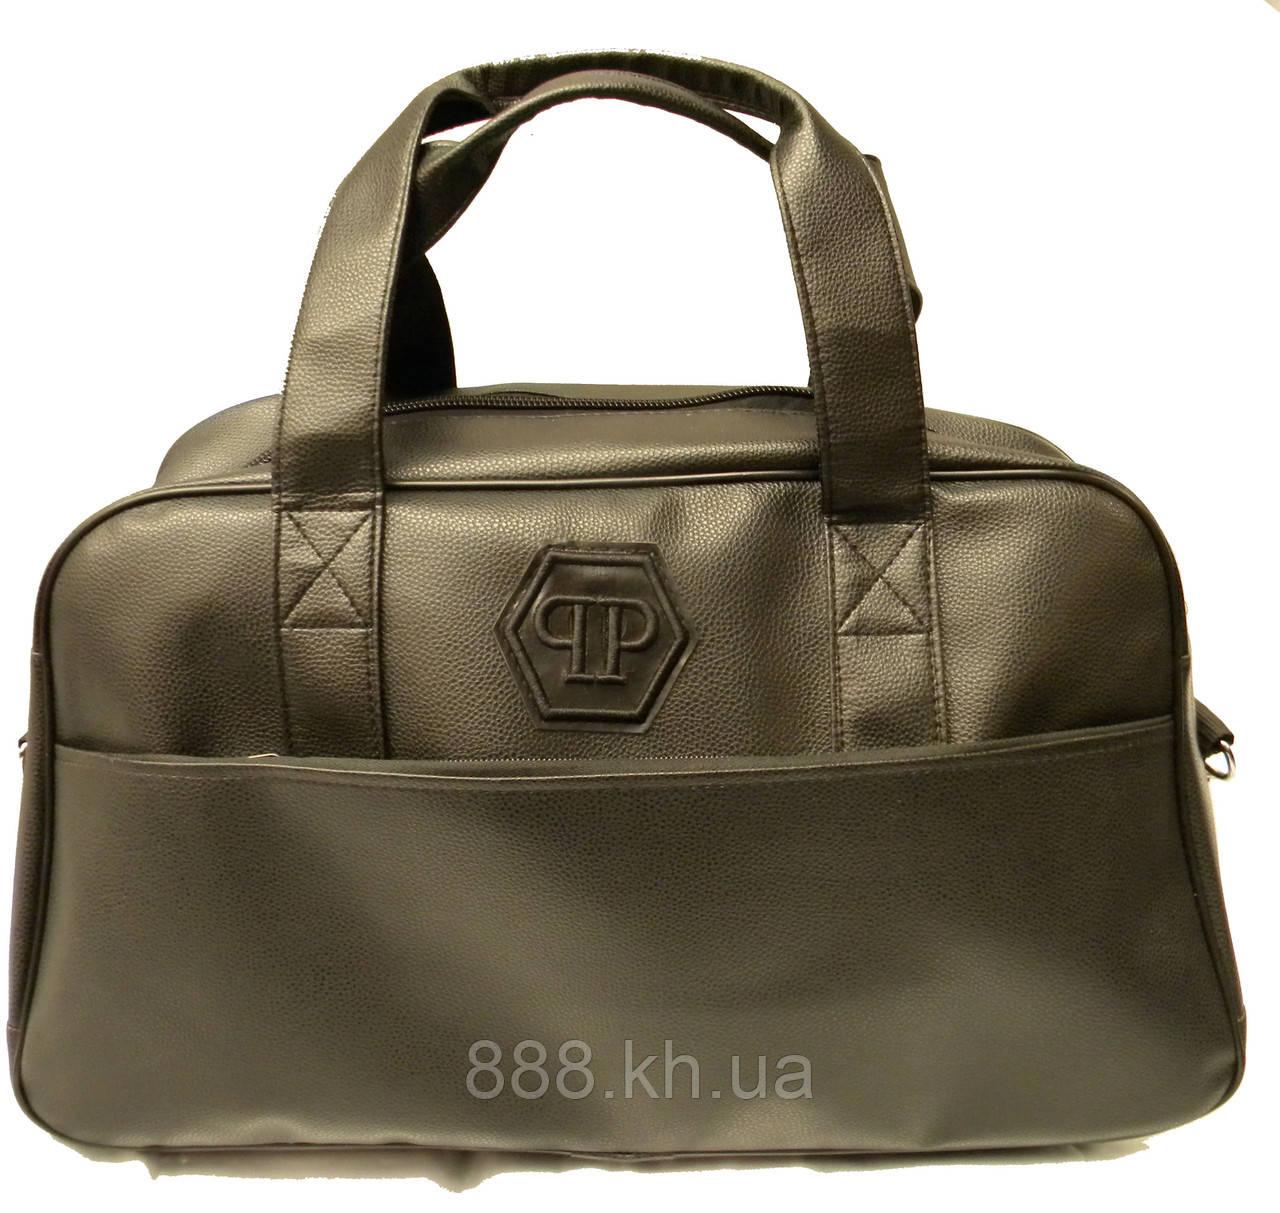 f935e5c4363f Дорожная сумка Philipp Plane кожаная сумка, сумка мужская, сумка женская, спортивная  сумка реплика